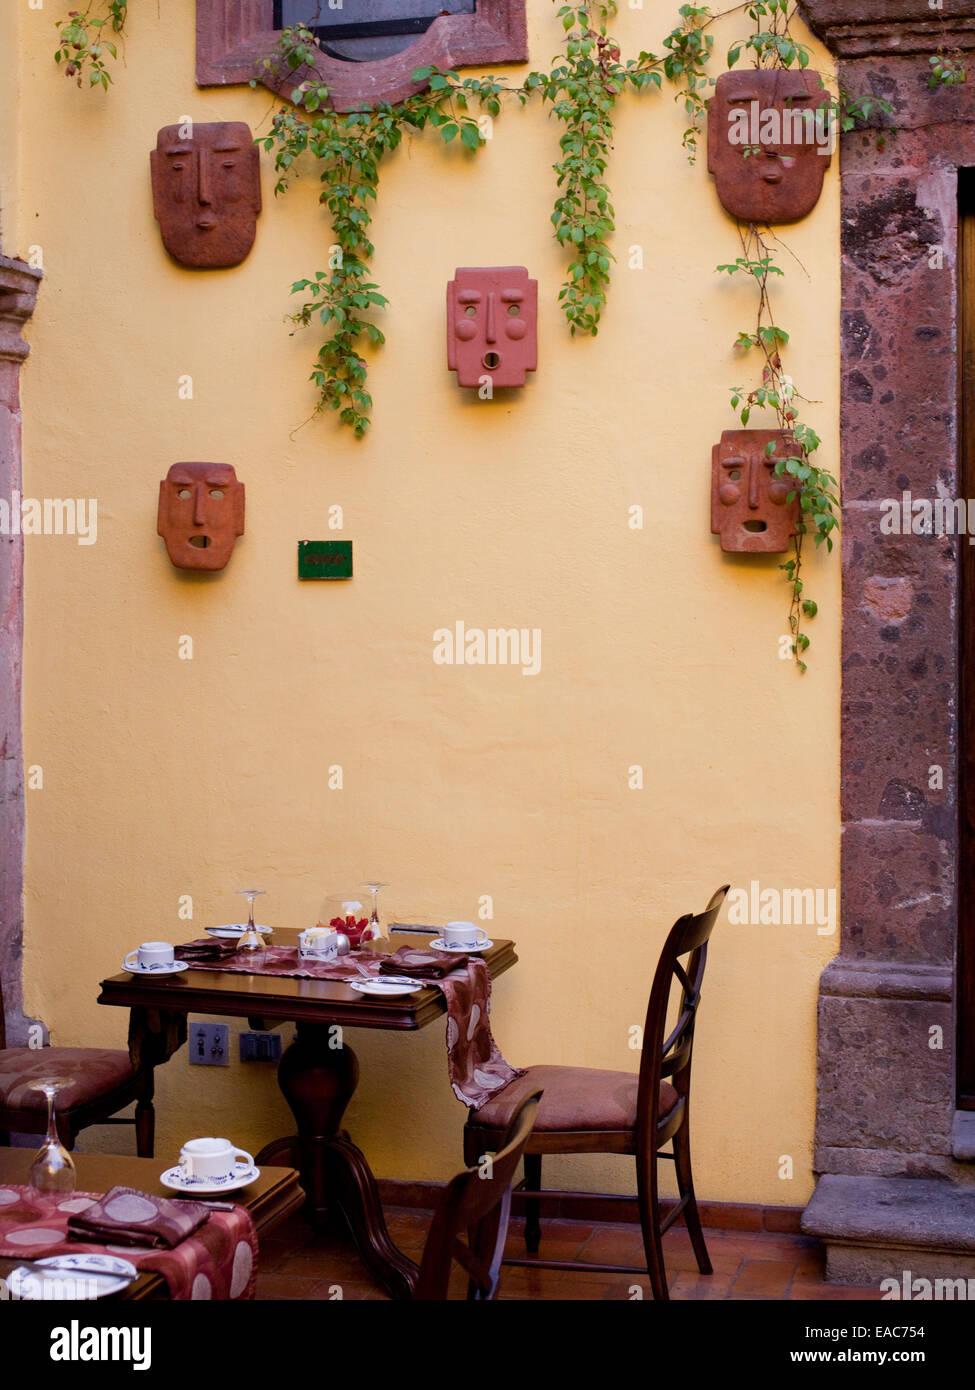 Salle à manger cour au Mexique avec des masques en céramique Banque D'Images